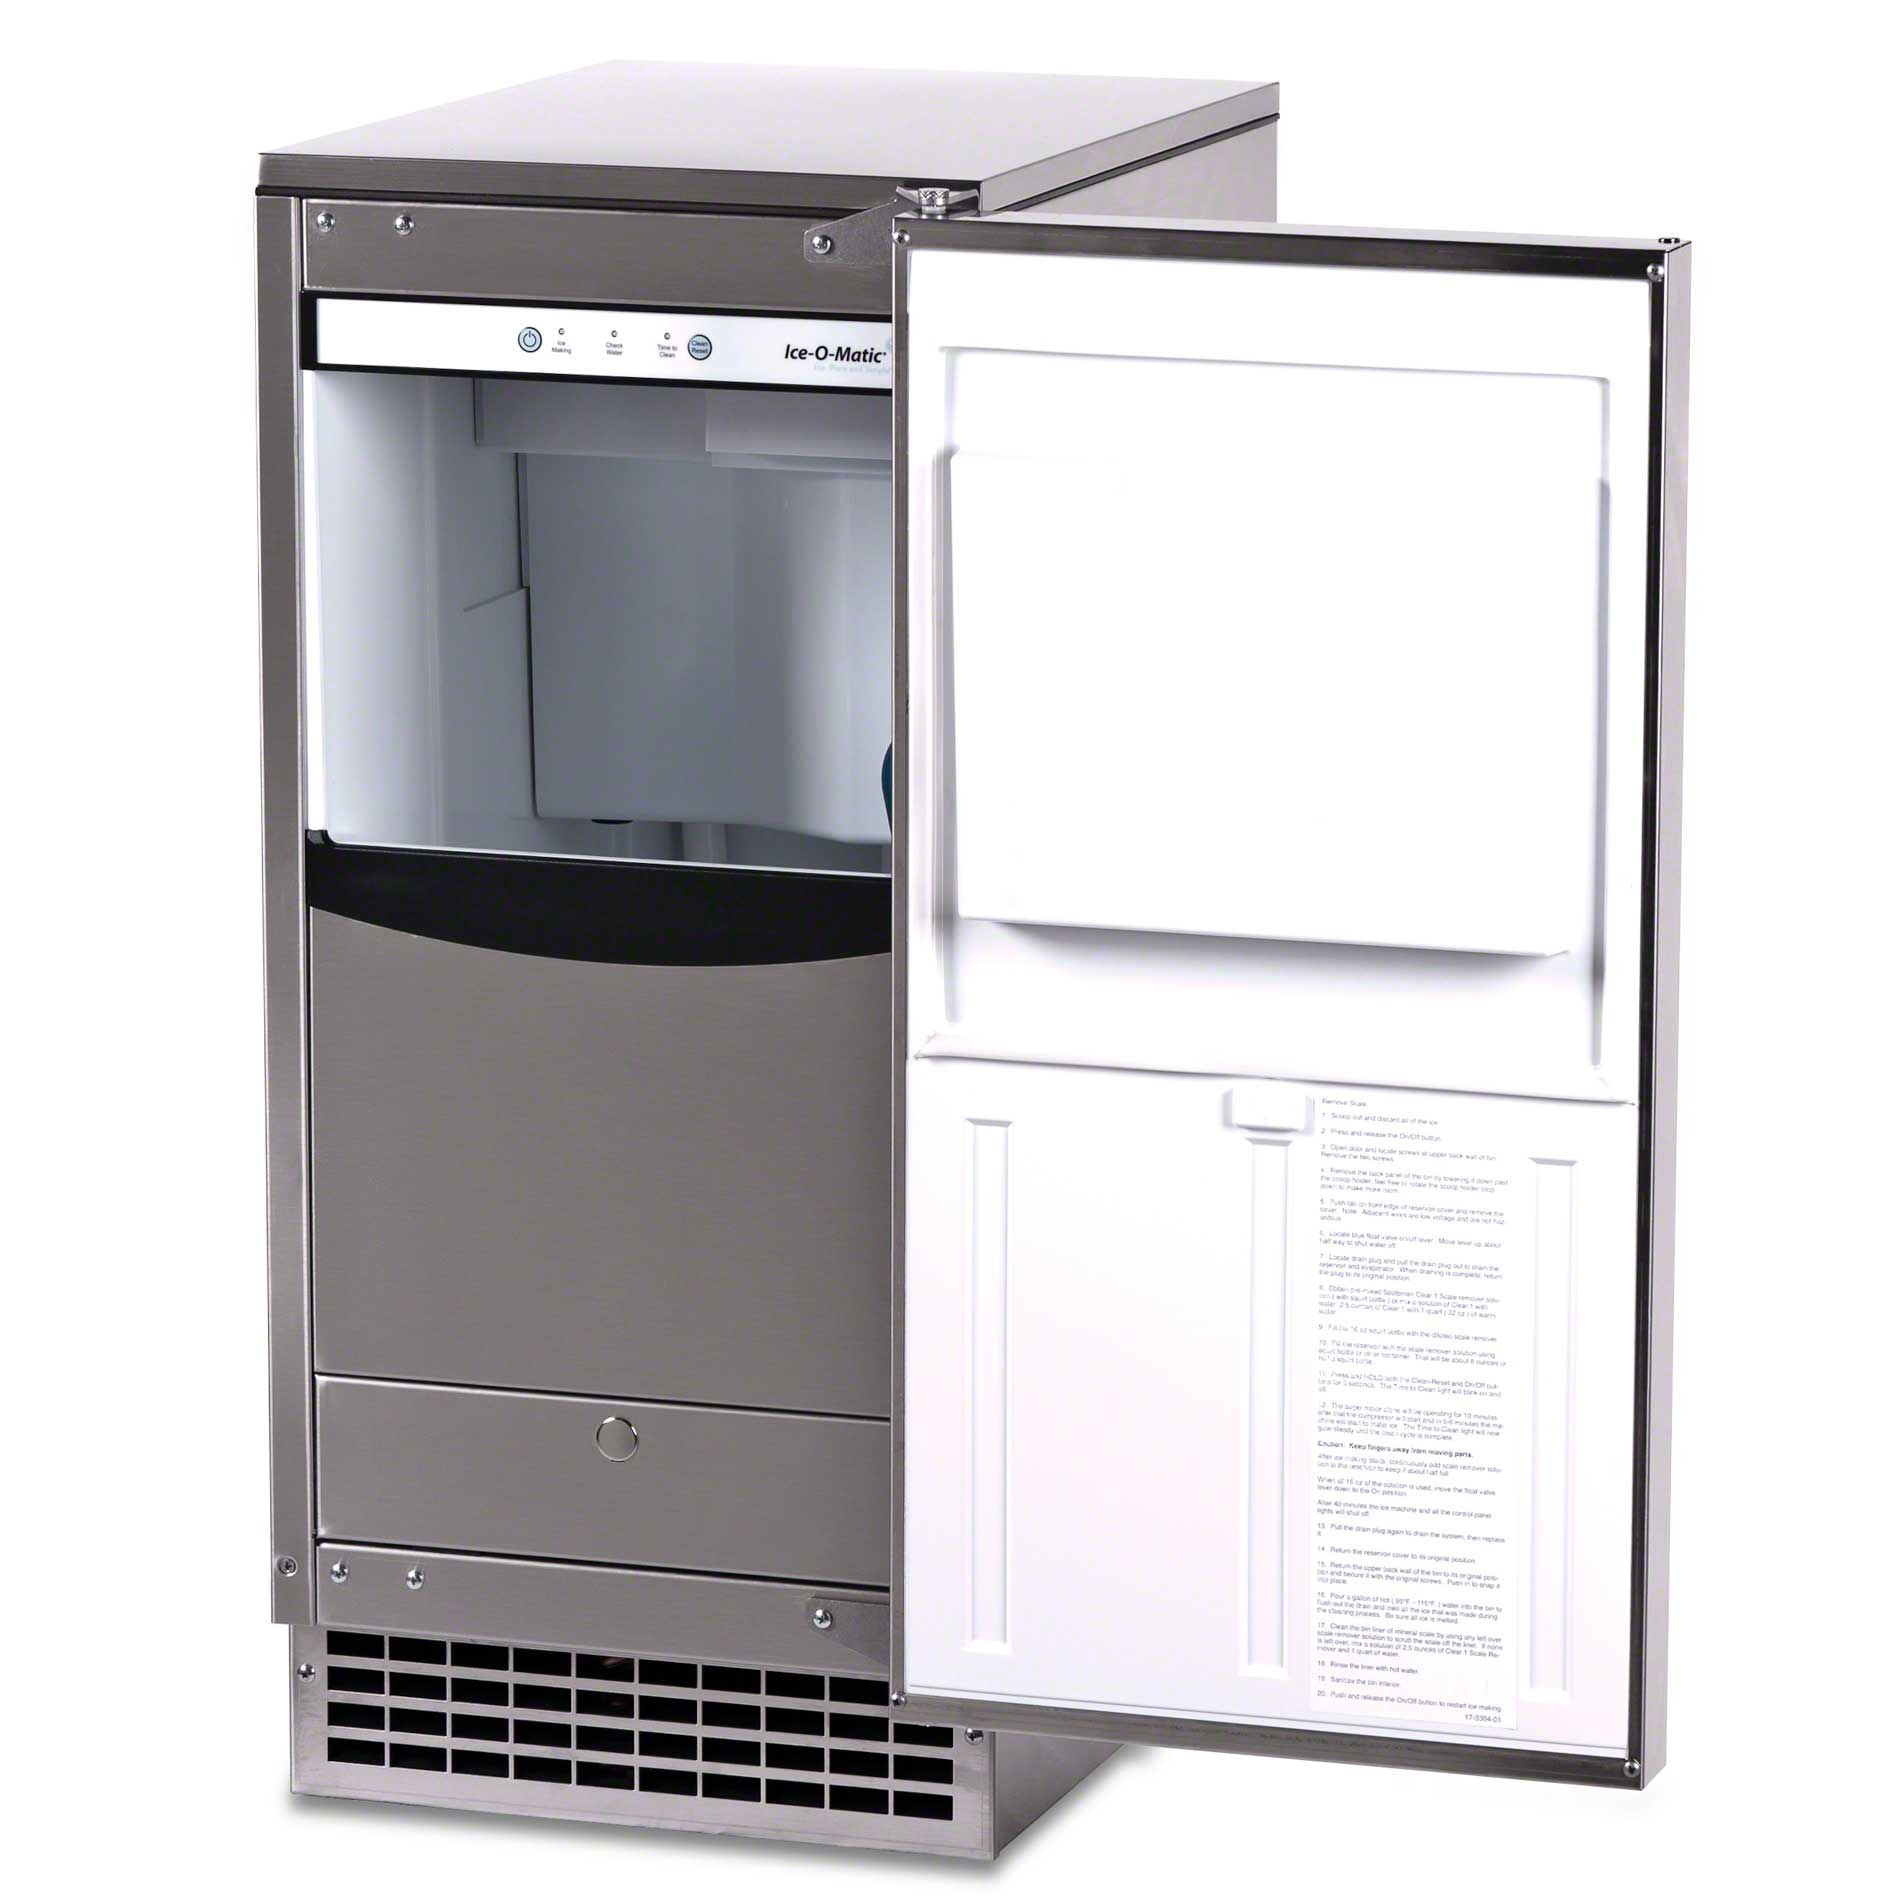 2518 Ice O Matic Gemu090 85 Lb Pearl Ice Undercounter Ice Machine Ice Machine Ice Maker Undercounter Ice Makers